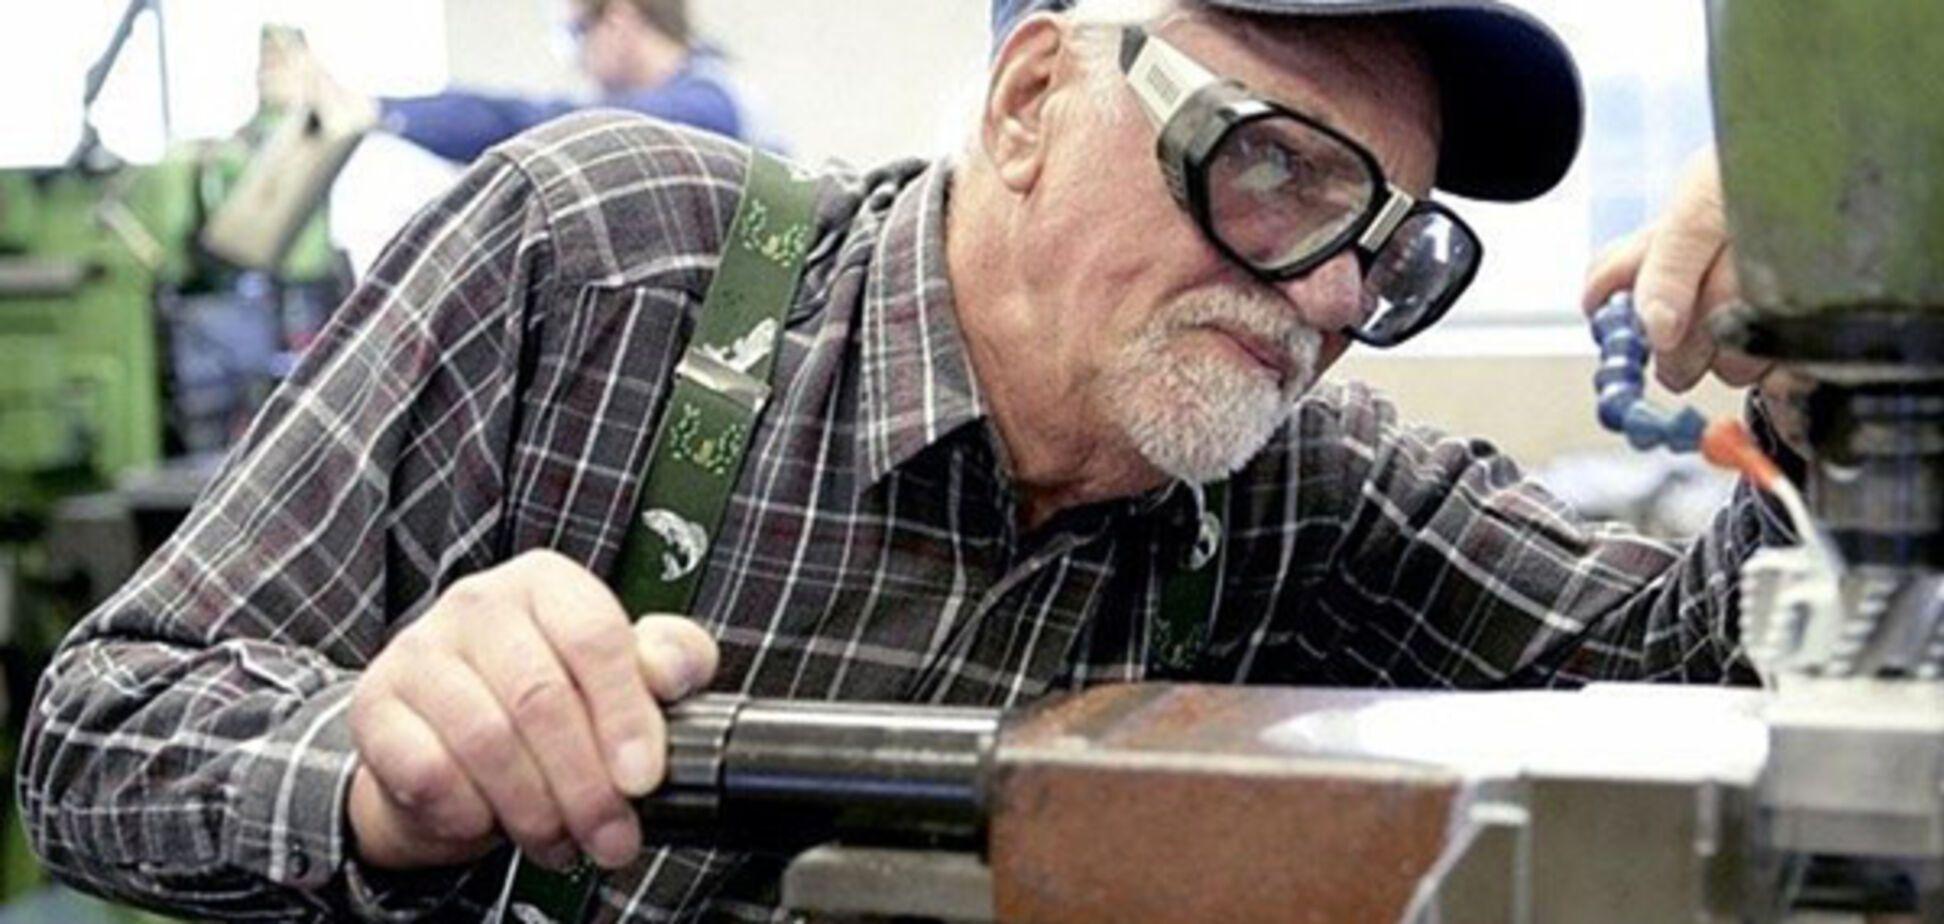 Зміни у законі про працю: Рада зробила крок назустріч людям похилого віку